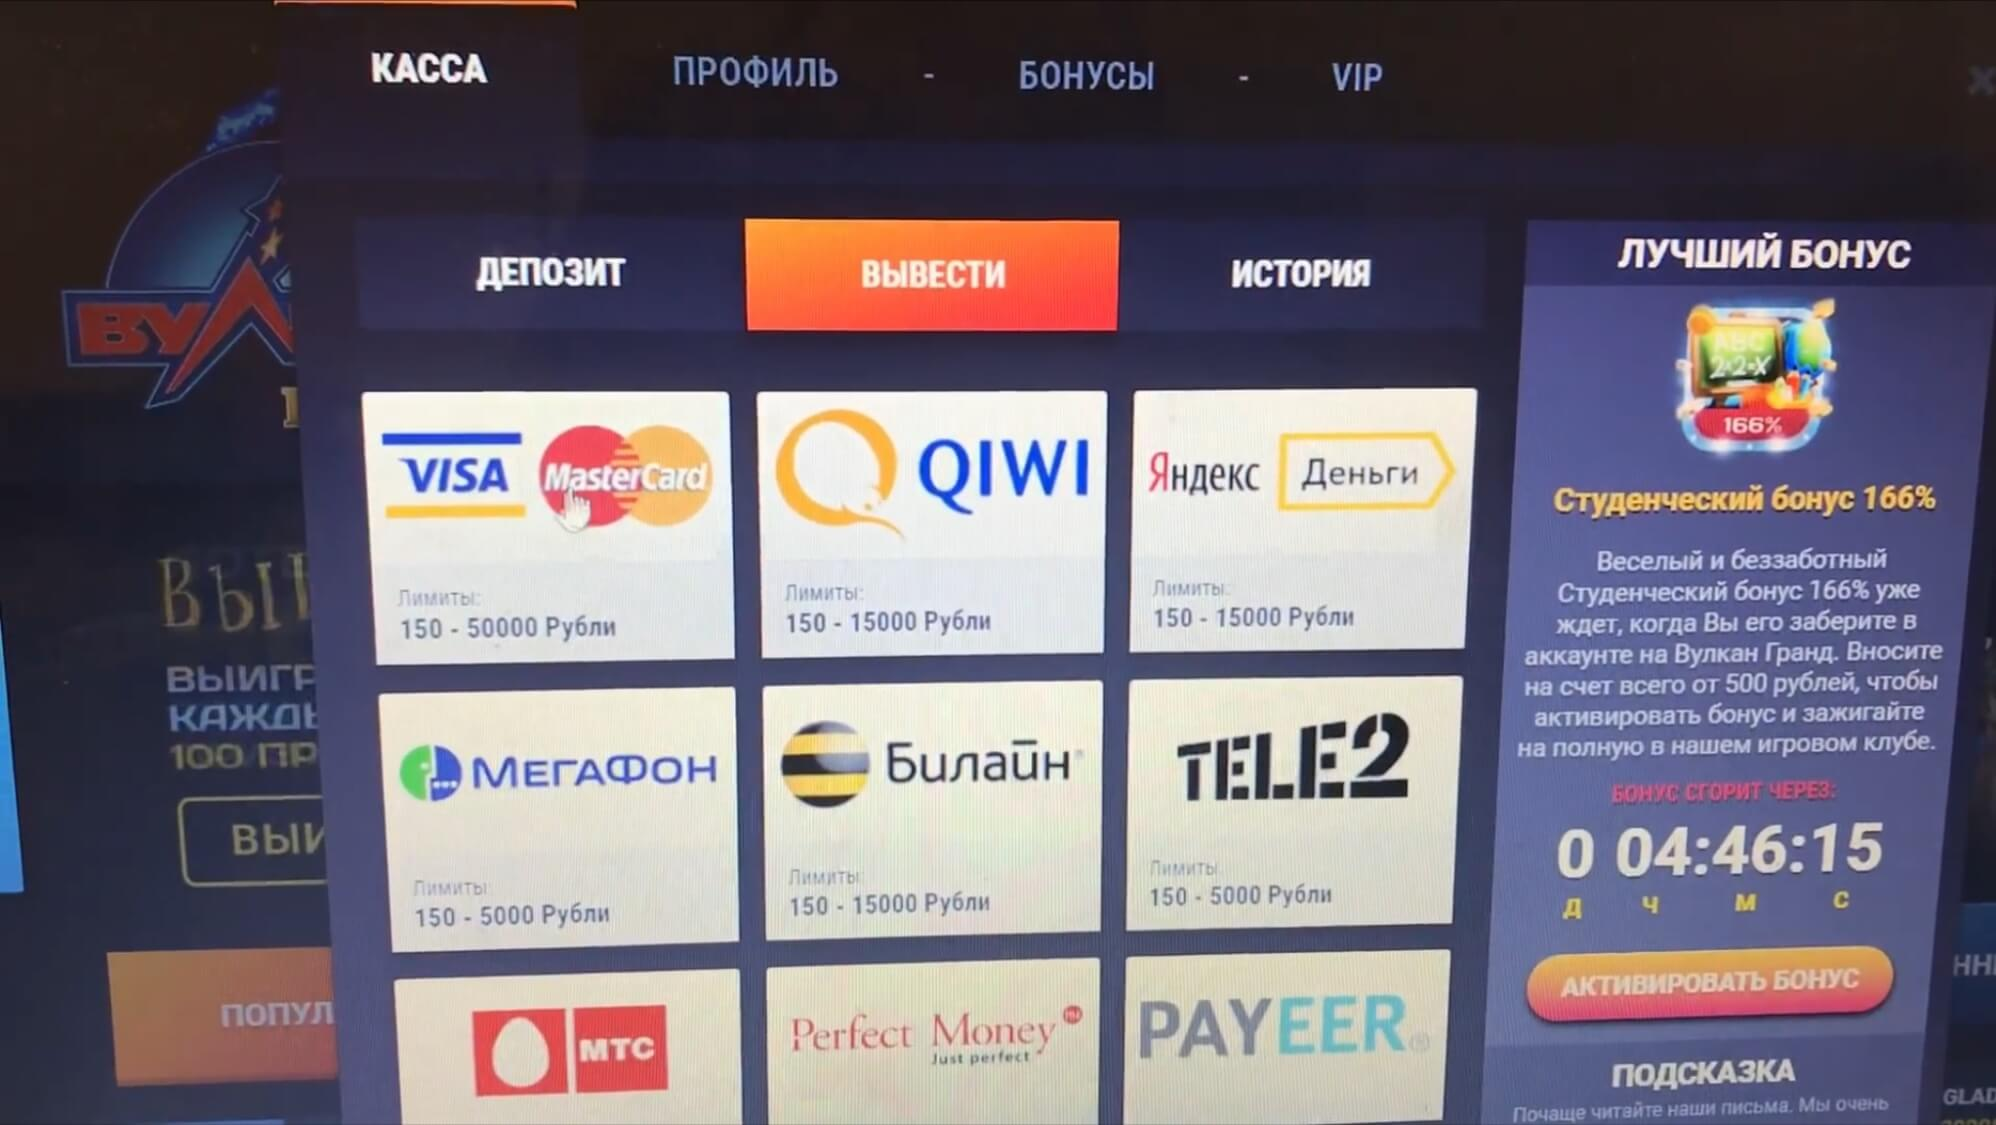 Как вывести бонусные средства в онлайн - казино